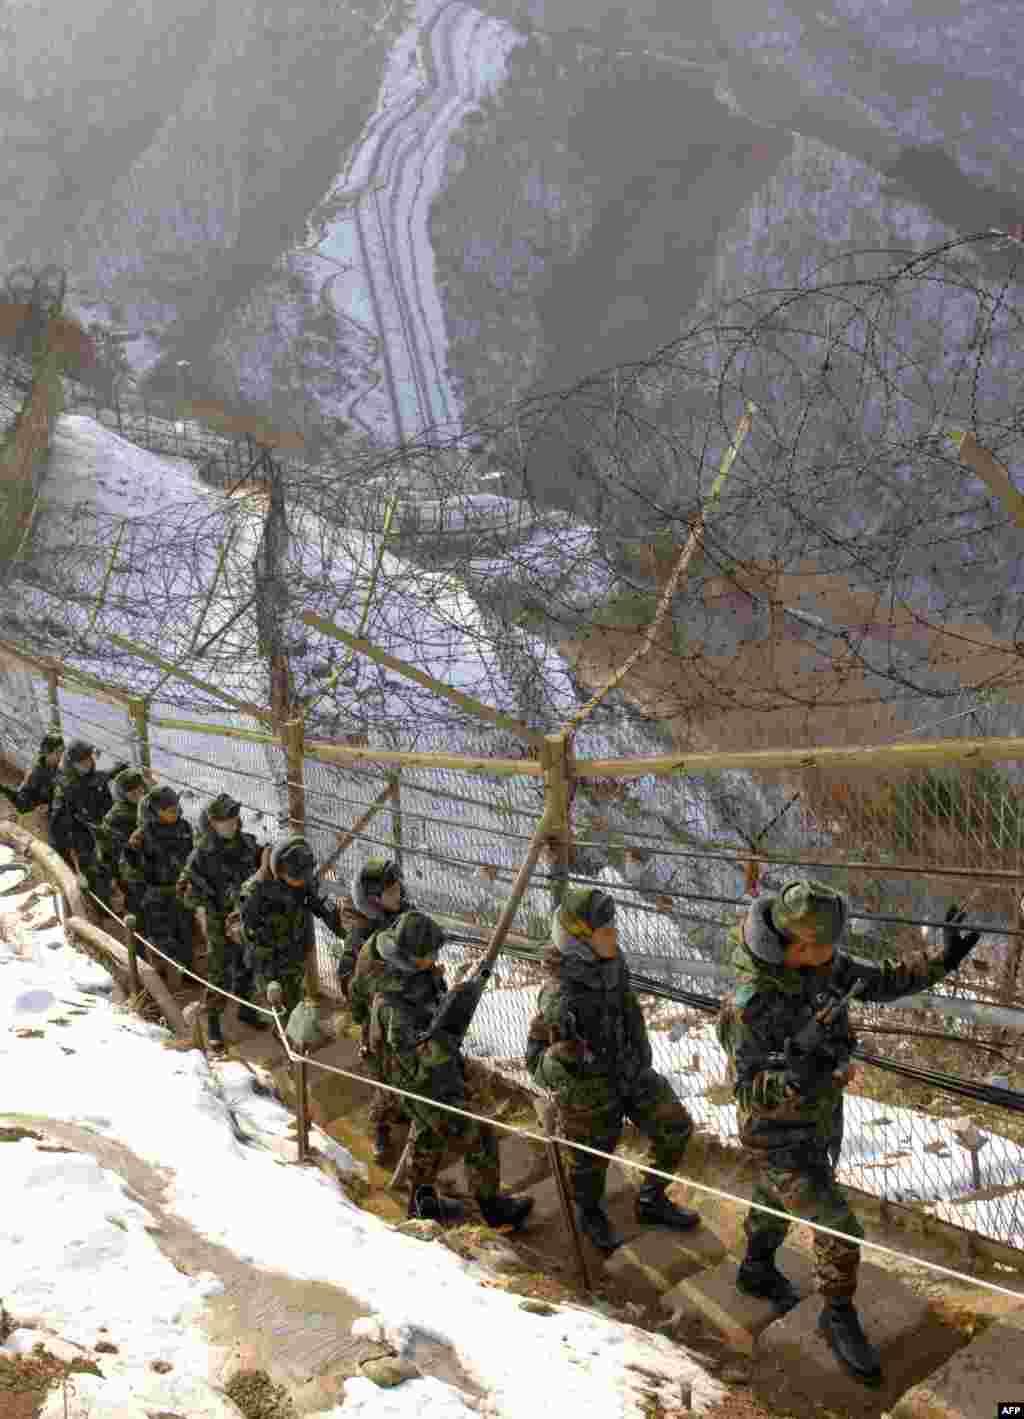 Еще одна стена находится в демилитаризированной зоне между Северной Кореей и Южной Кореей. Ее длина — 240 километров, некоторые ее участки также находятся под напряжением. Забор между государствами появился в 1970-х годах, когда стороны не смогли договориться о перемирии. В середине августа стороны впервые за долгое время обстреляли друг друга.